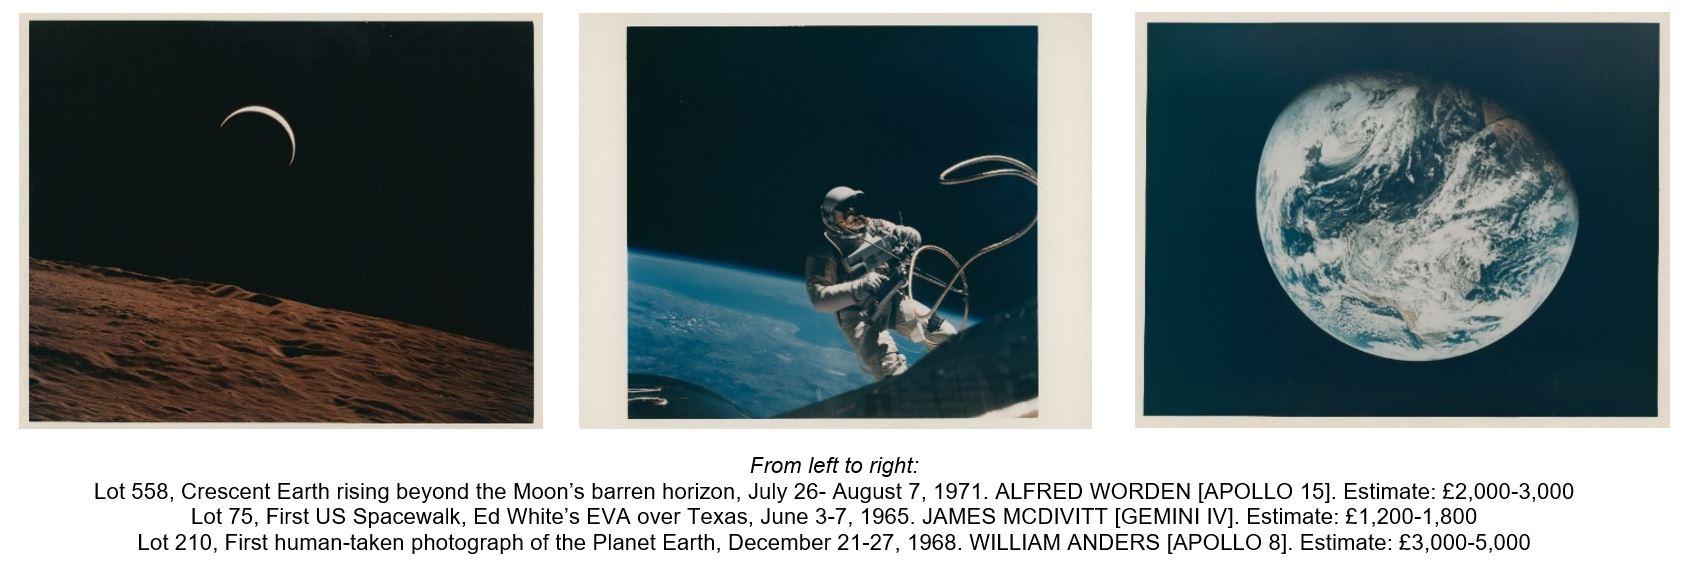 سيتم عرض صور نادرة لوكالة ناسا بالمزاد العلني عبر الإنترنت